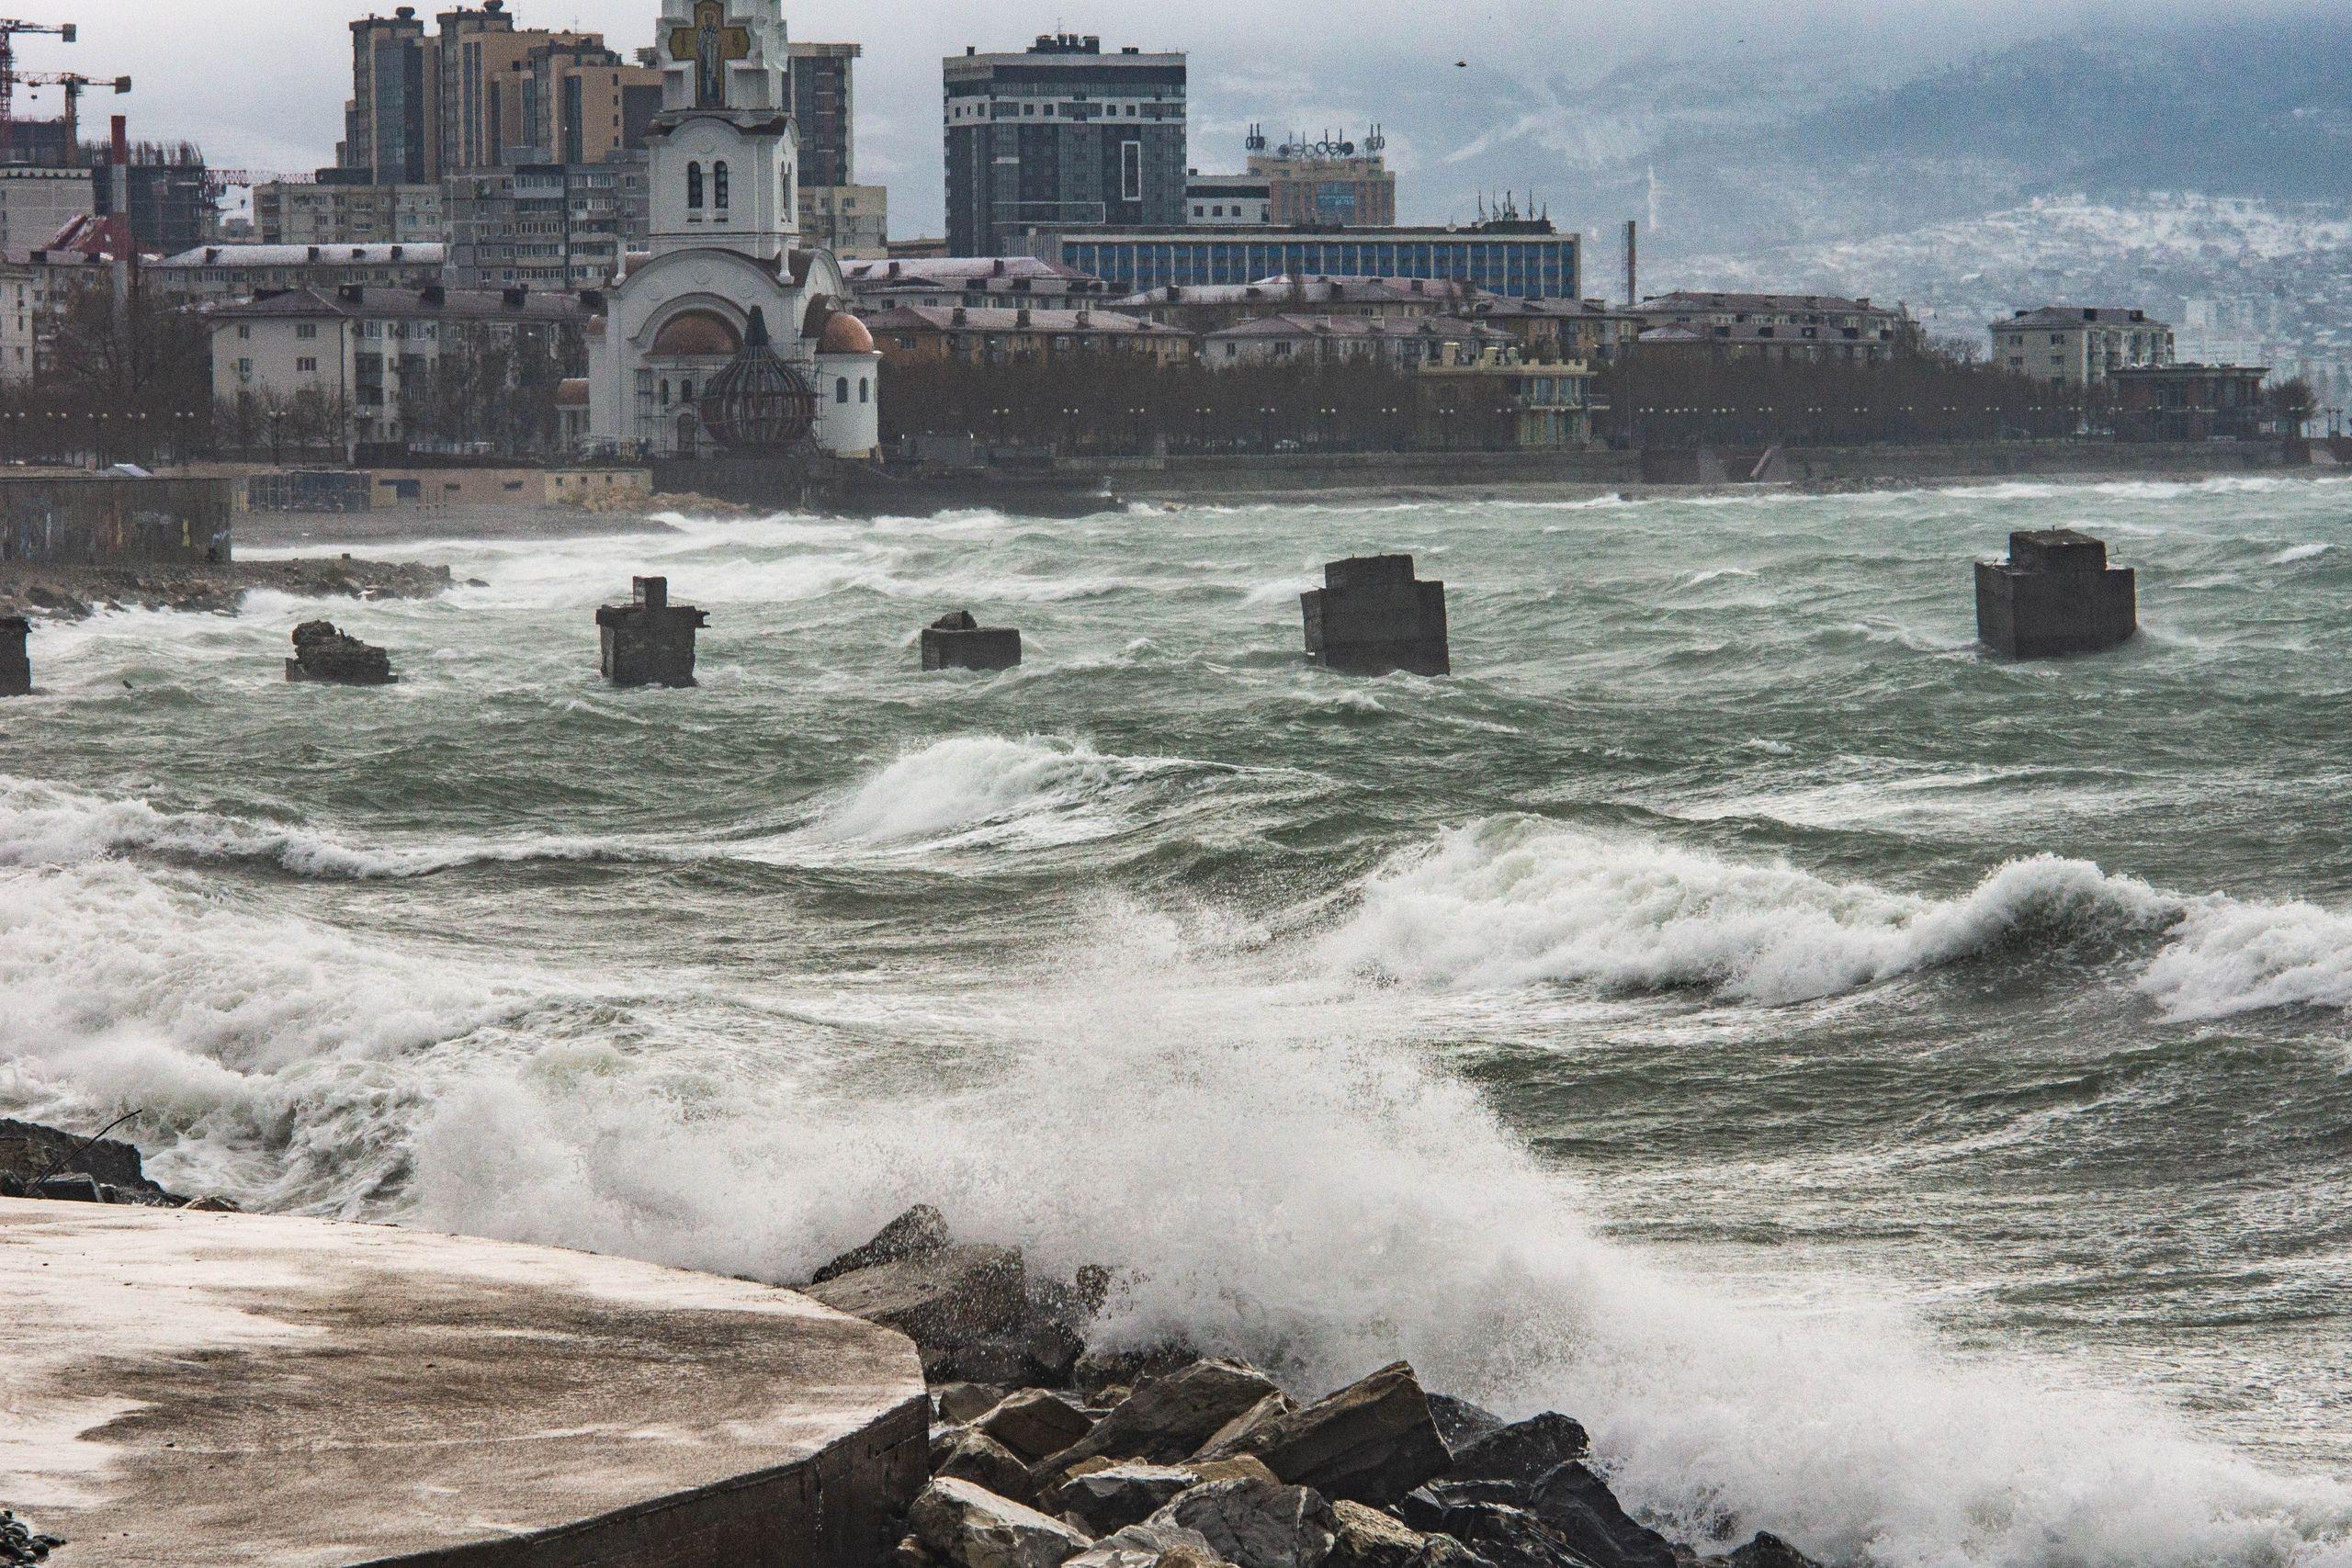 погода в новороссийске картинки статье рассмотрены